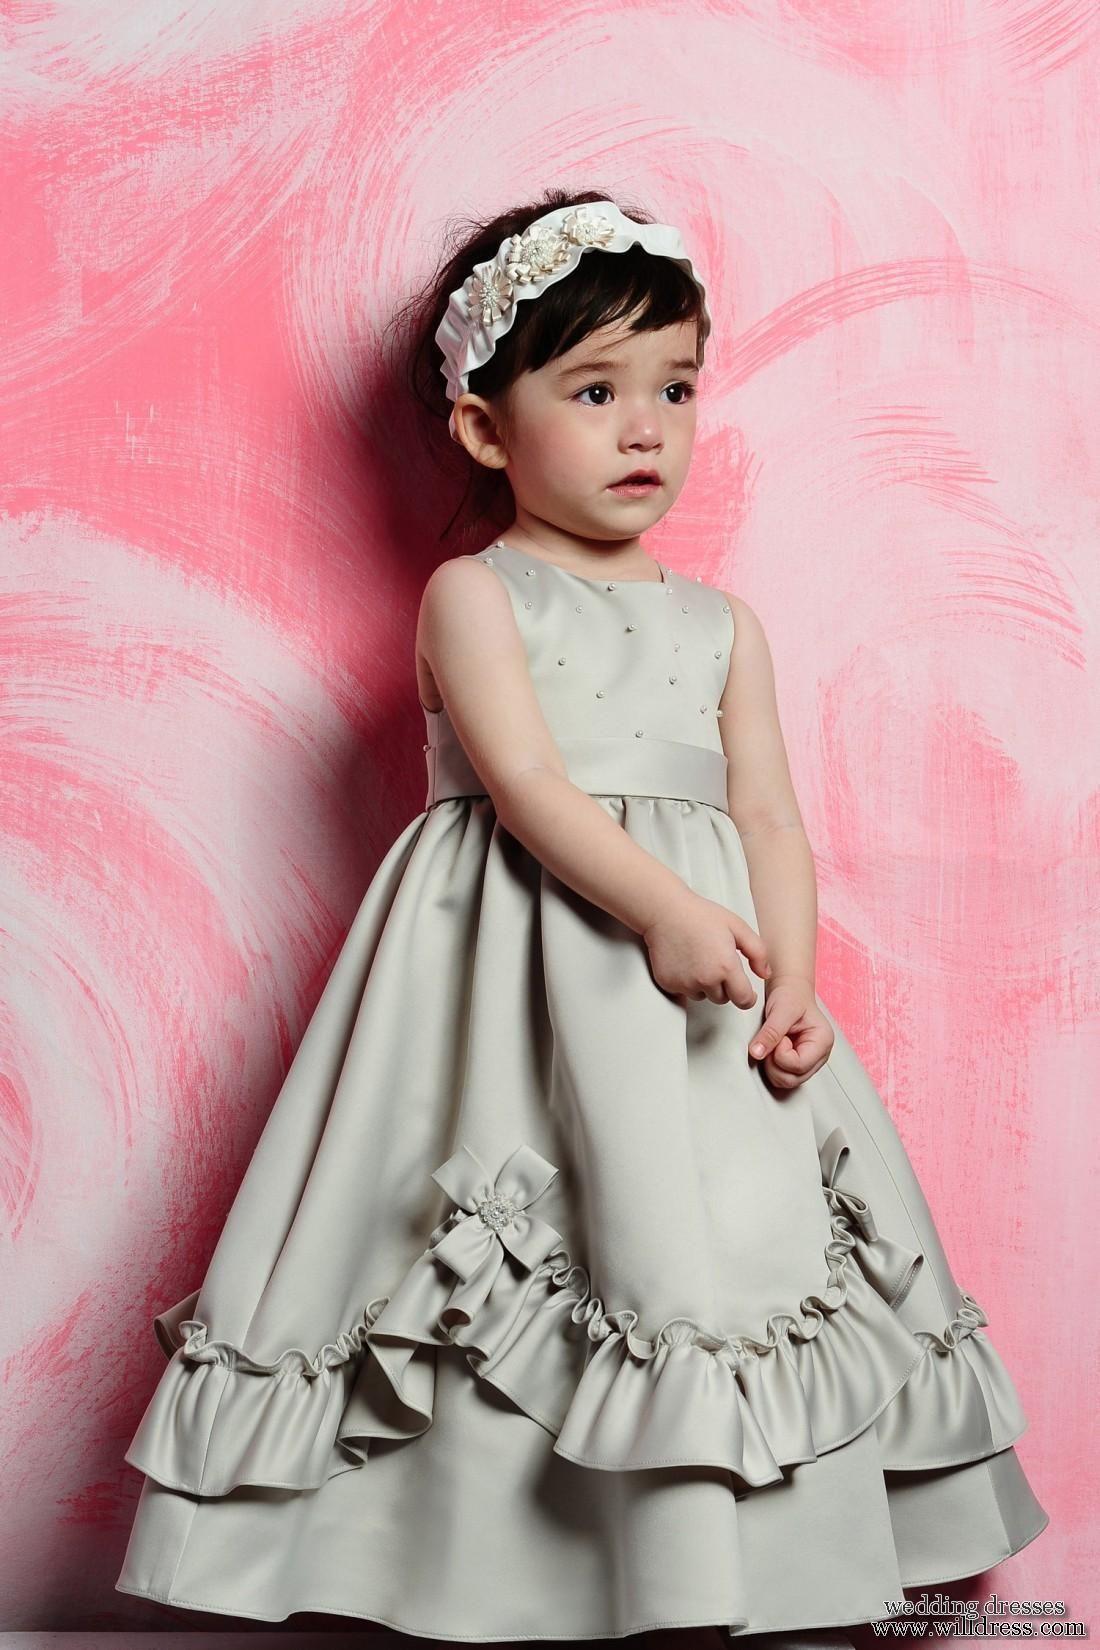 Fotos de vestidos para niñas- Cortejo de bodas | Vestidos de Cortejo ...